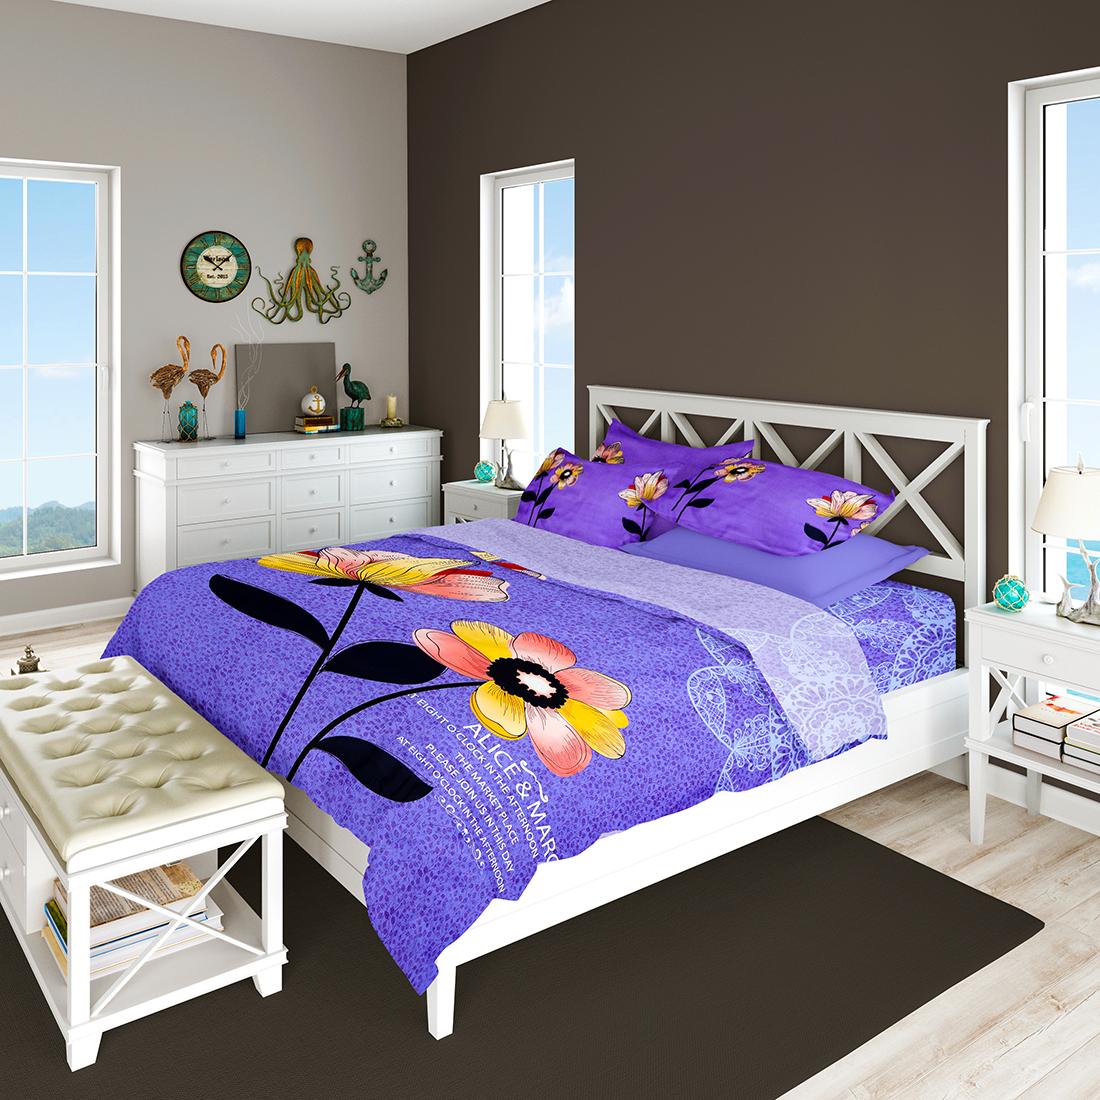 Adley Panel Print Double Bedsheet